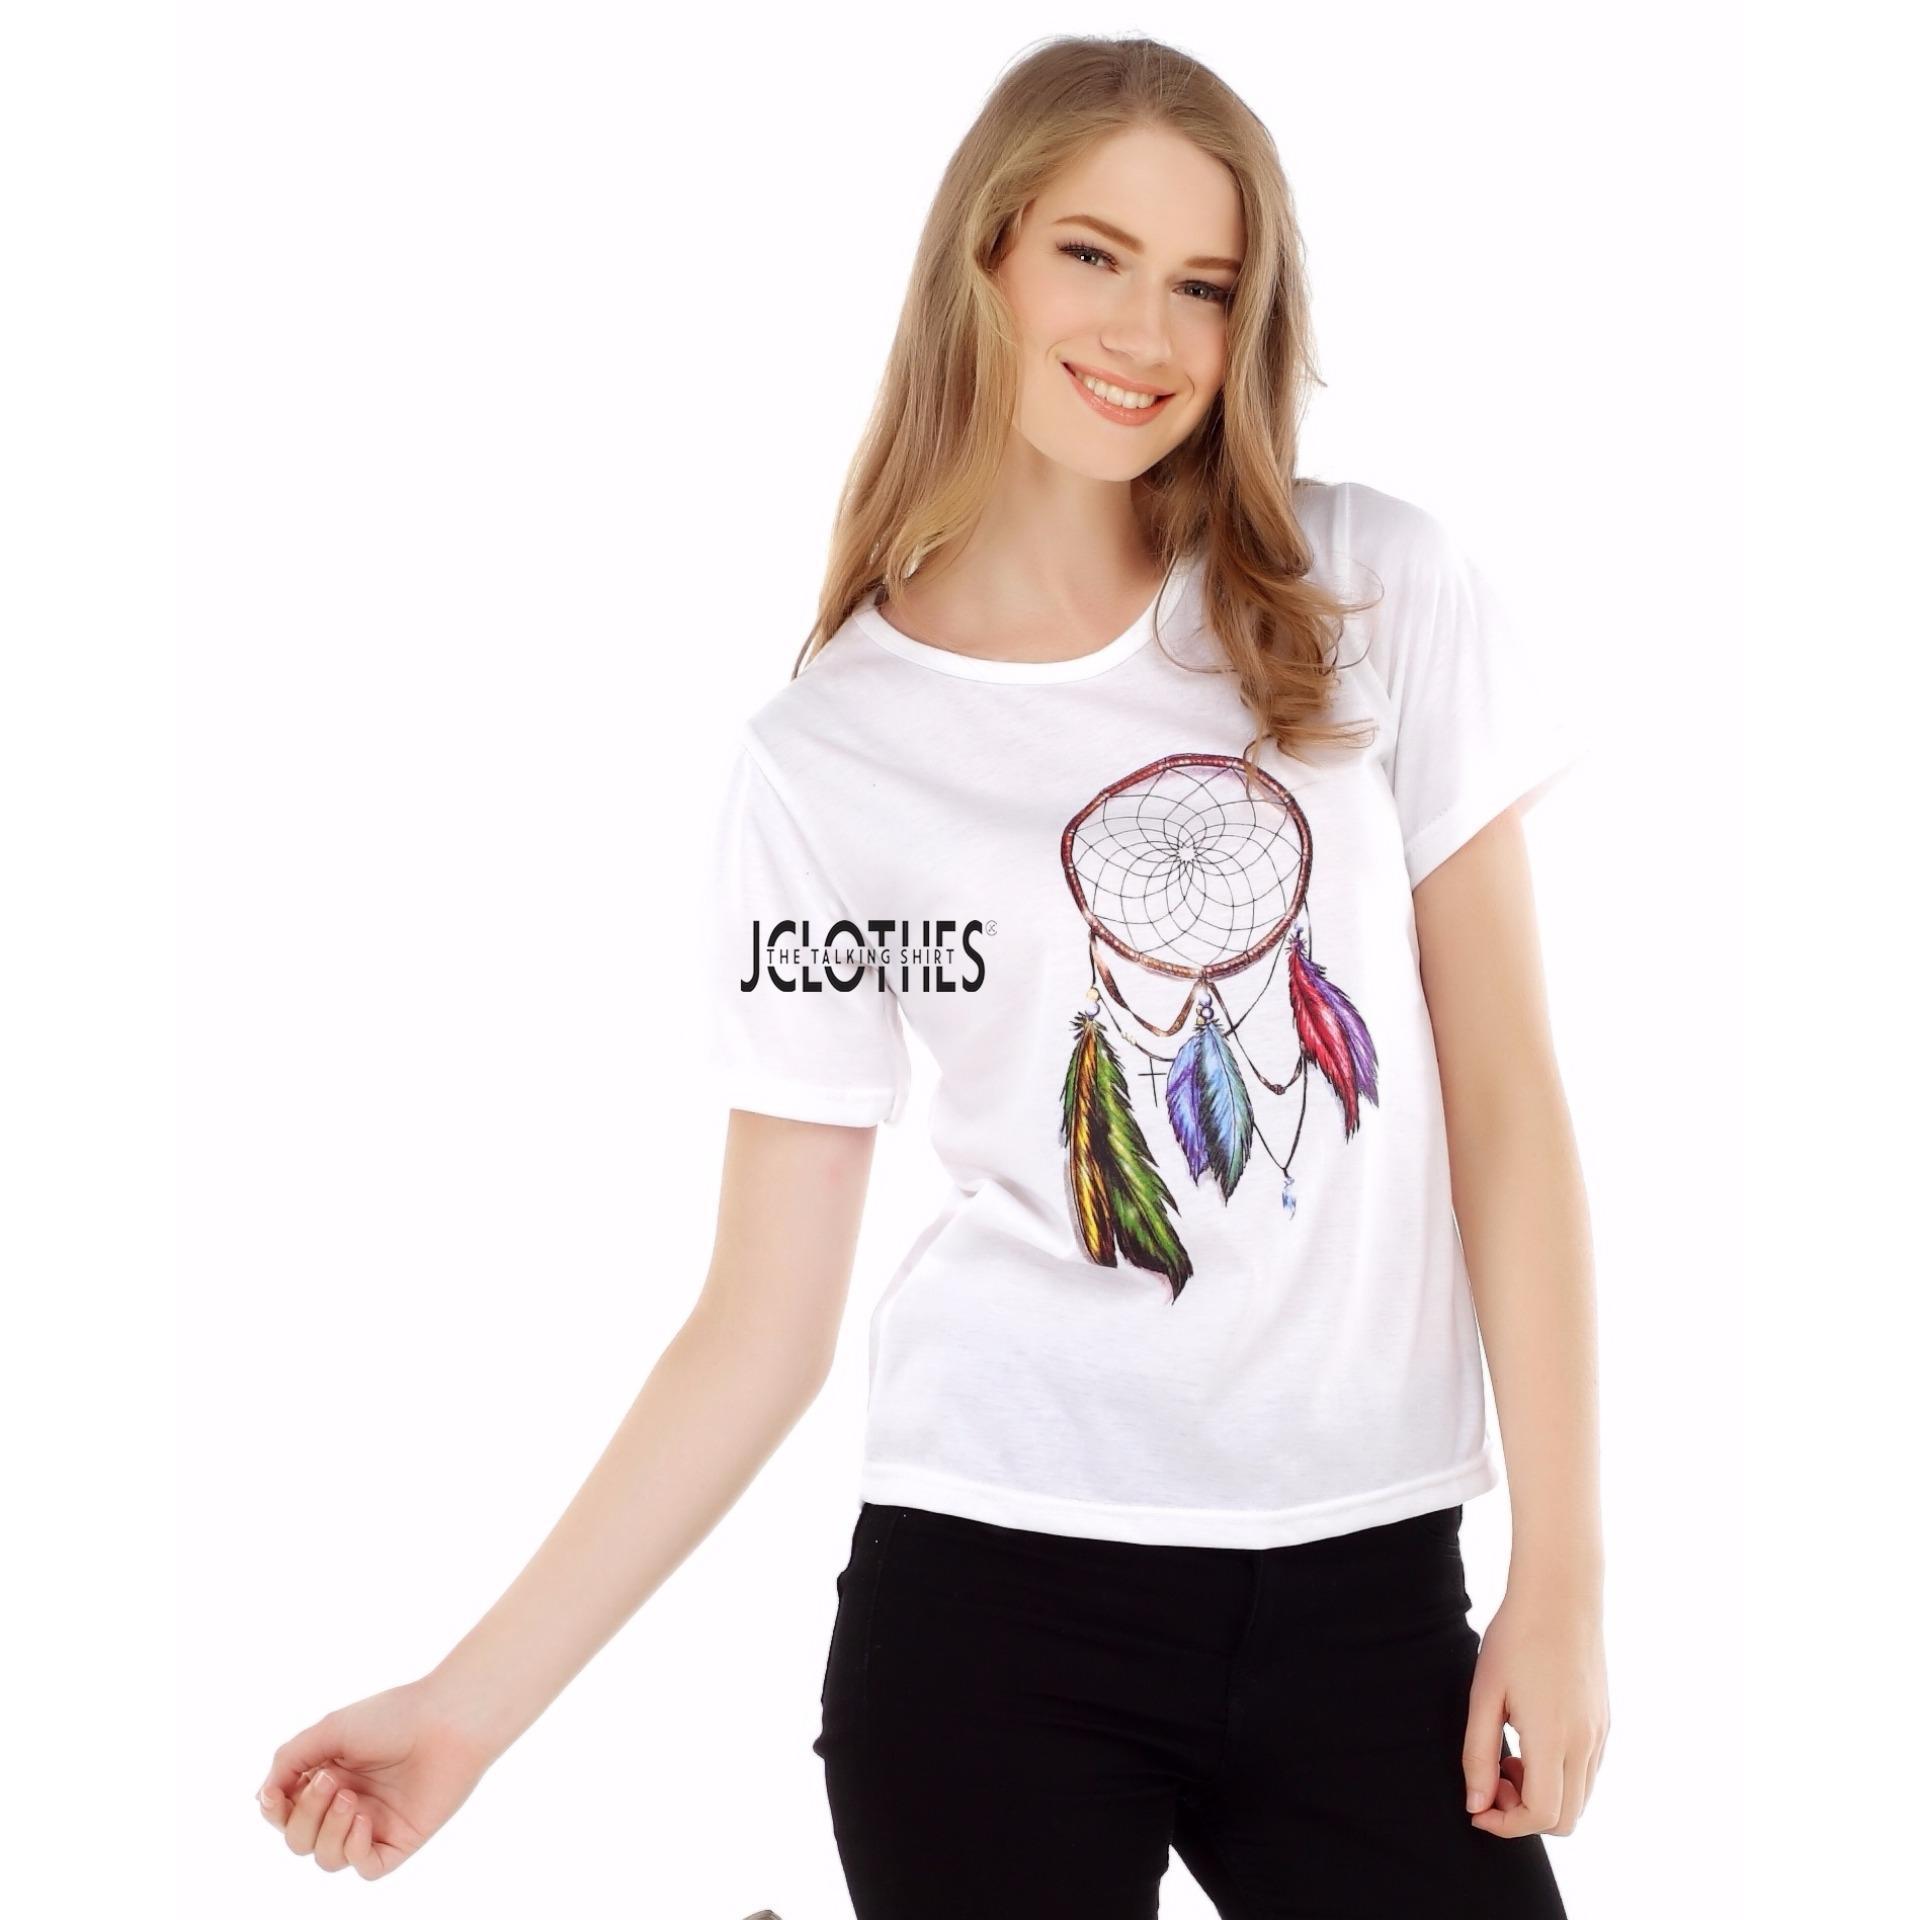 JCLOTHES Kaos Cewe / Tumblr Tee / Kaos Wanita Dream Catcher - Putih